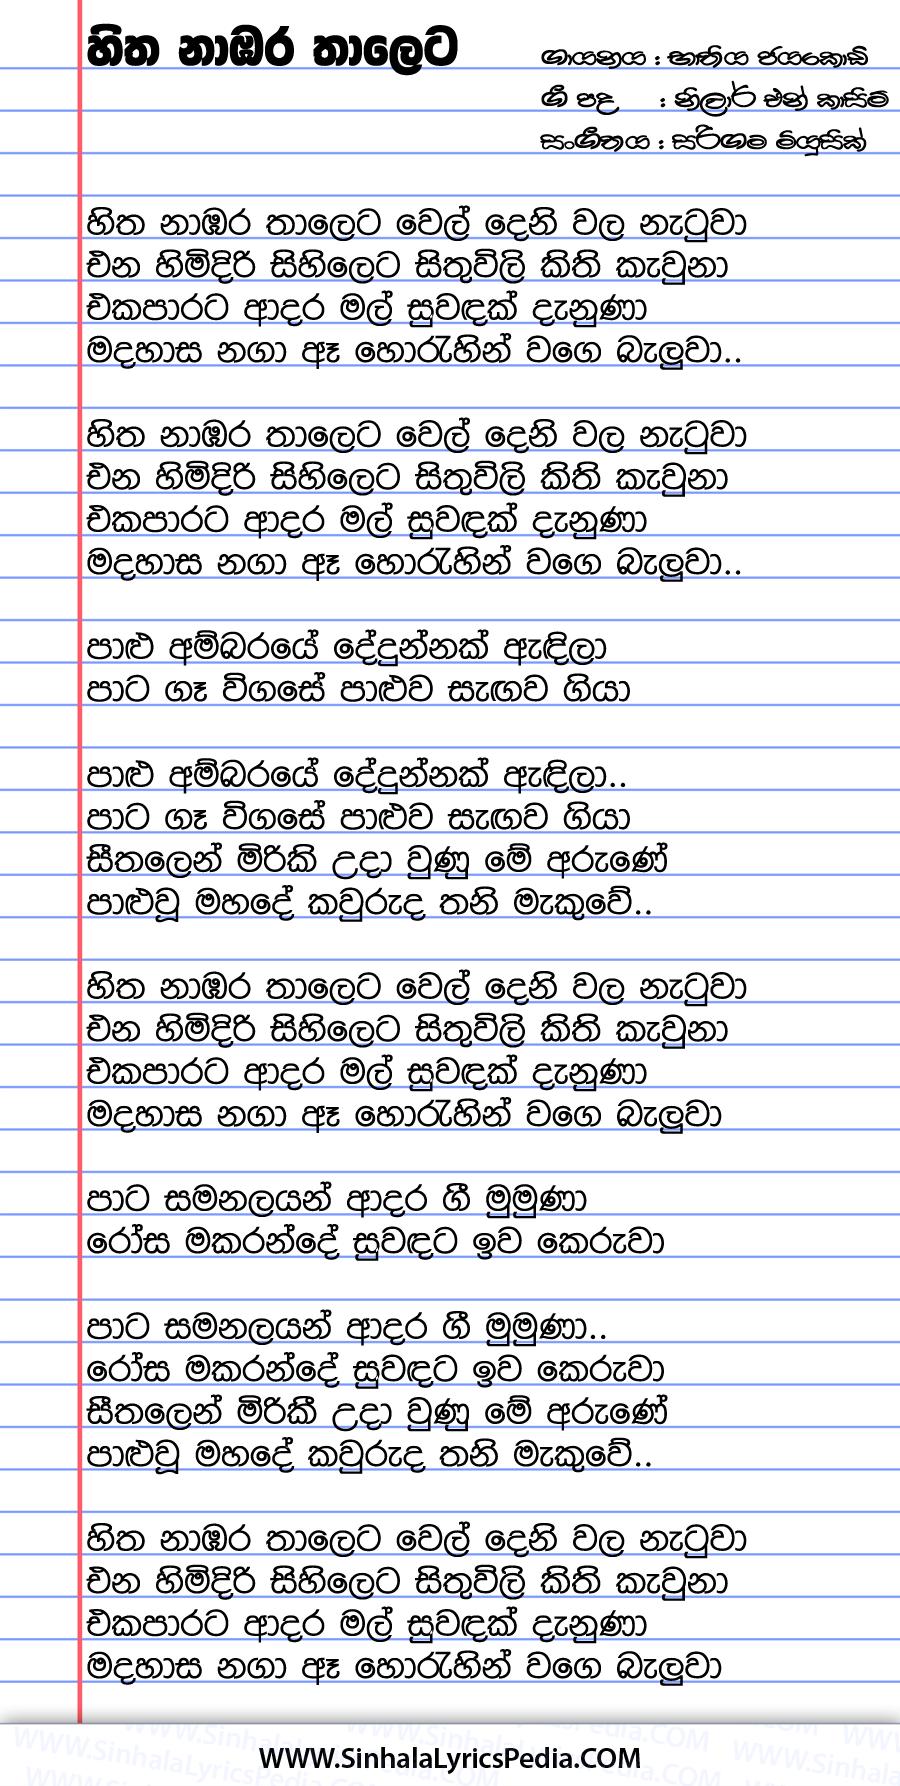 Hitha Nambara Thaleta Song Lyrics